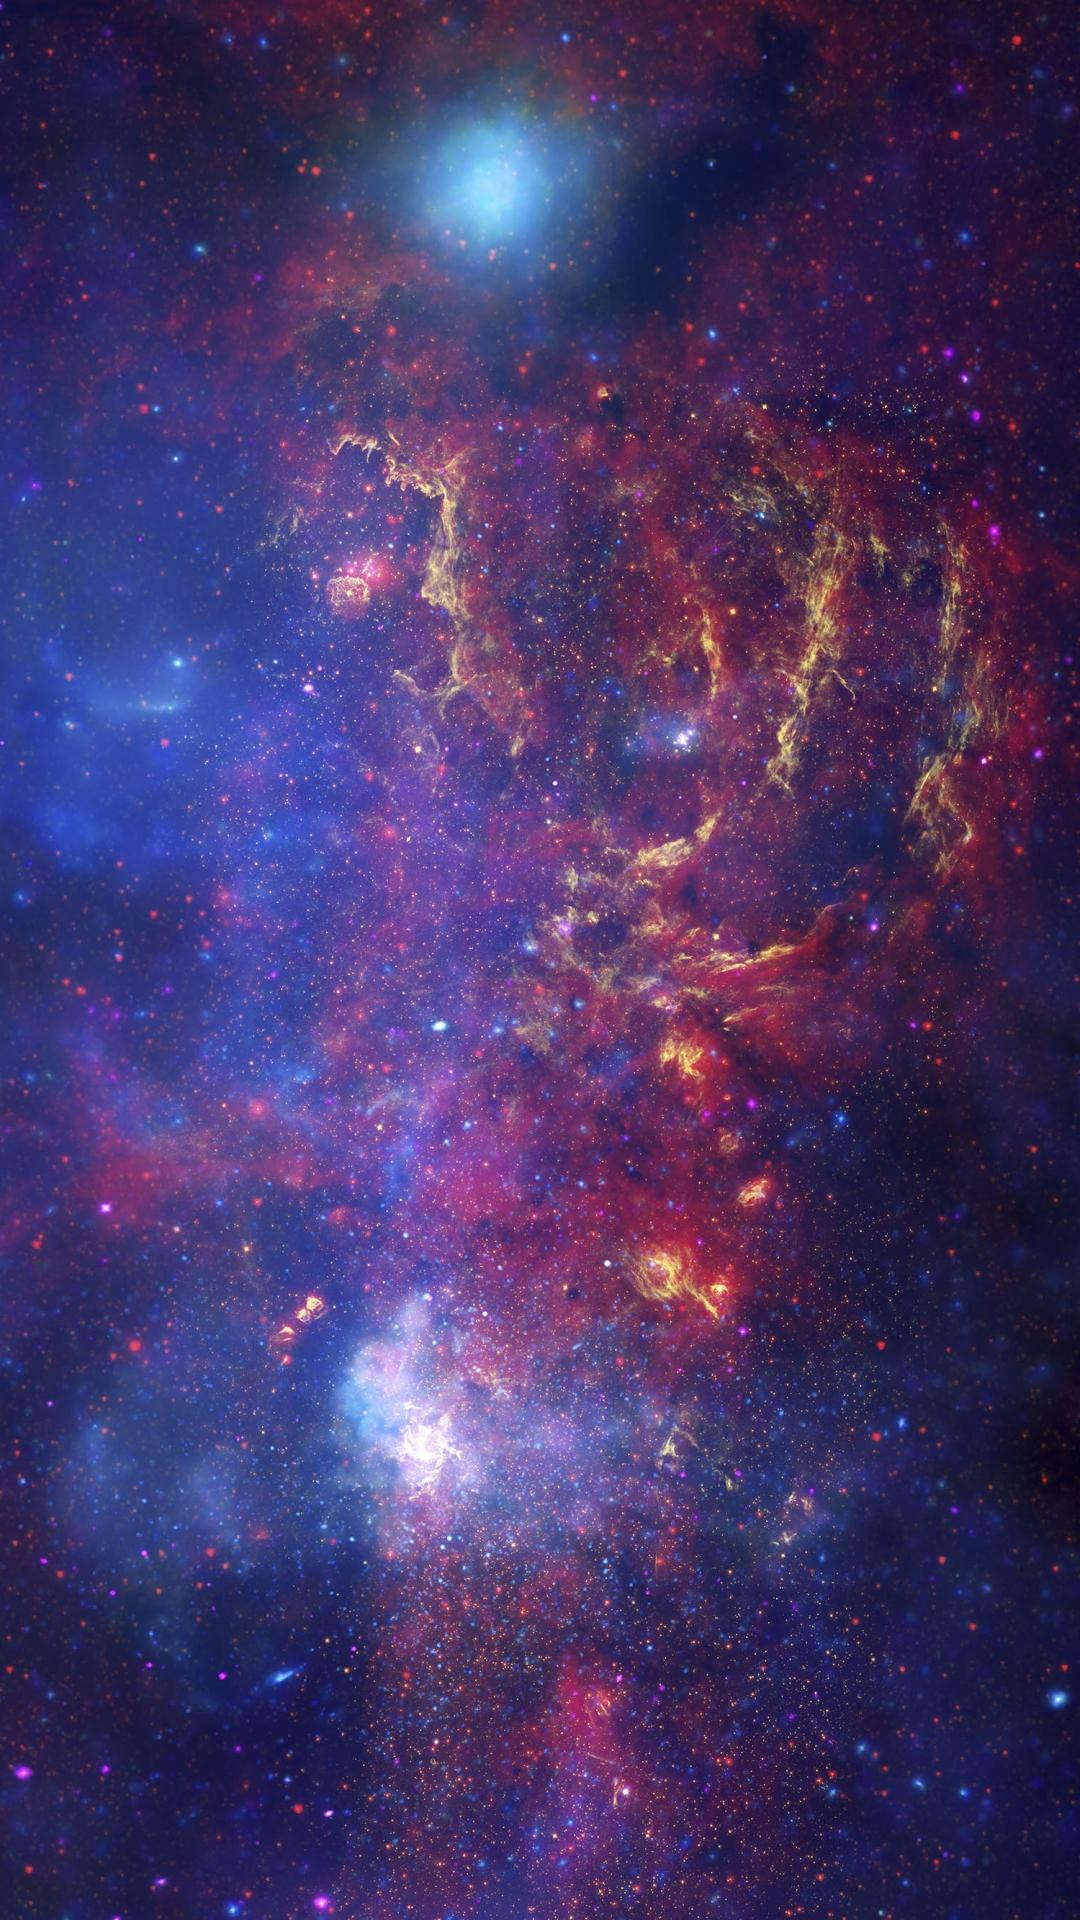 Iphone 6 plus space wallpaper wallpapersafari - Spacecraft wallpaper ...